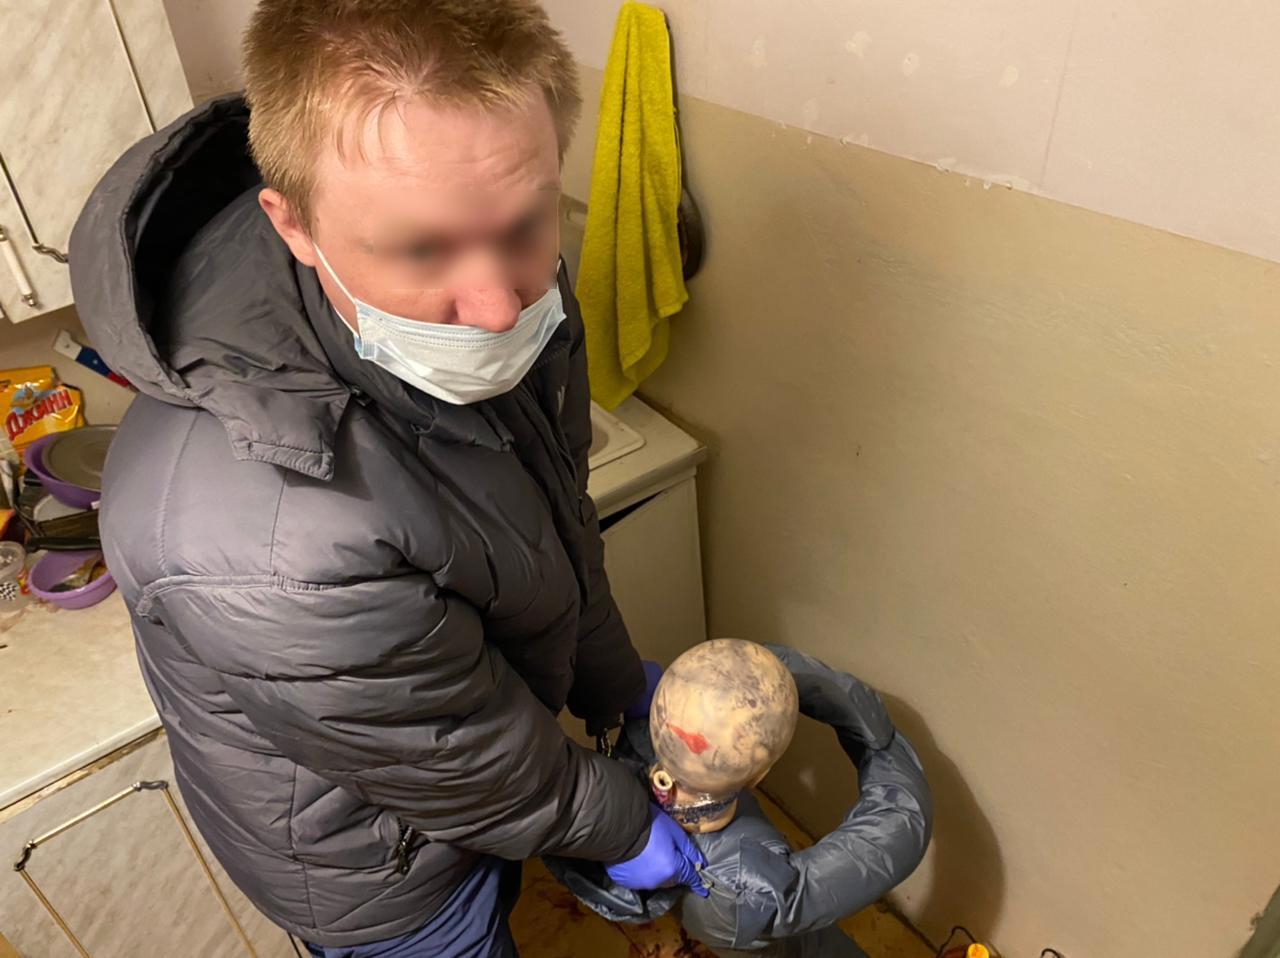 фото Убили, чтобы не мешал пить: как родители-изверги расправились с 6-летним сыном под Новосибирском 2